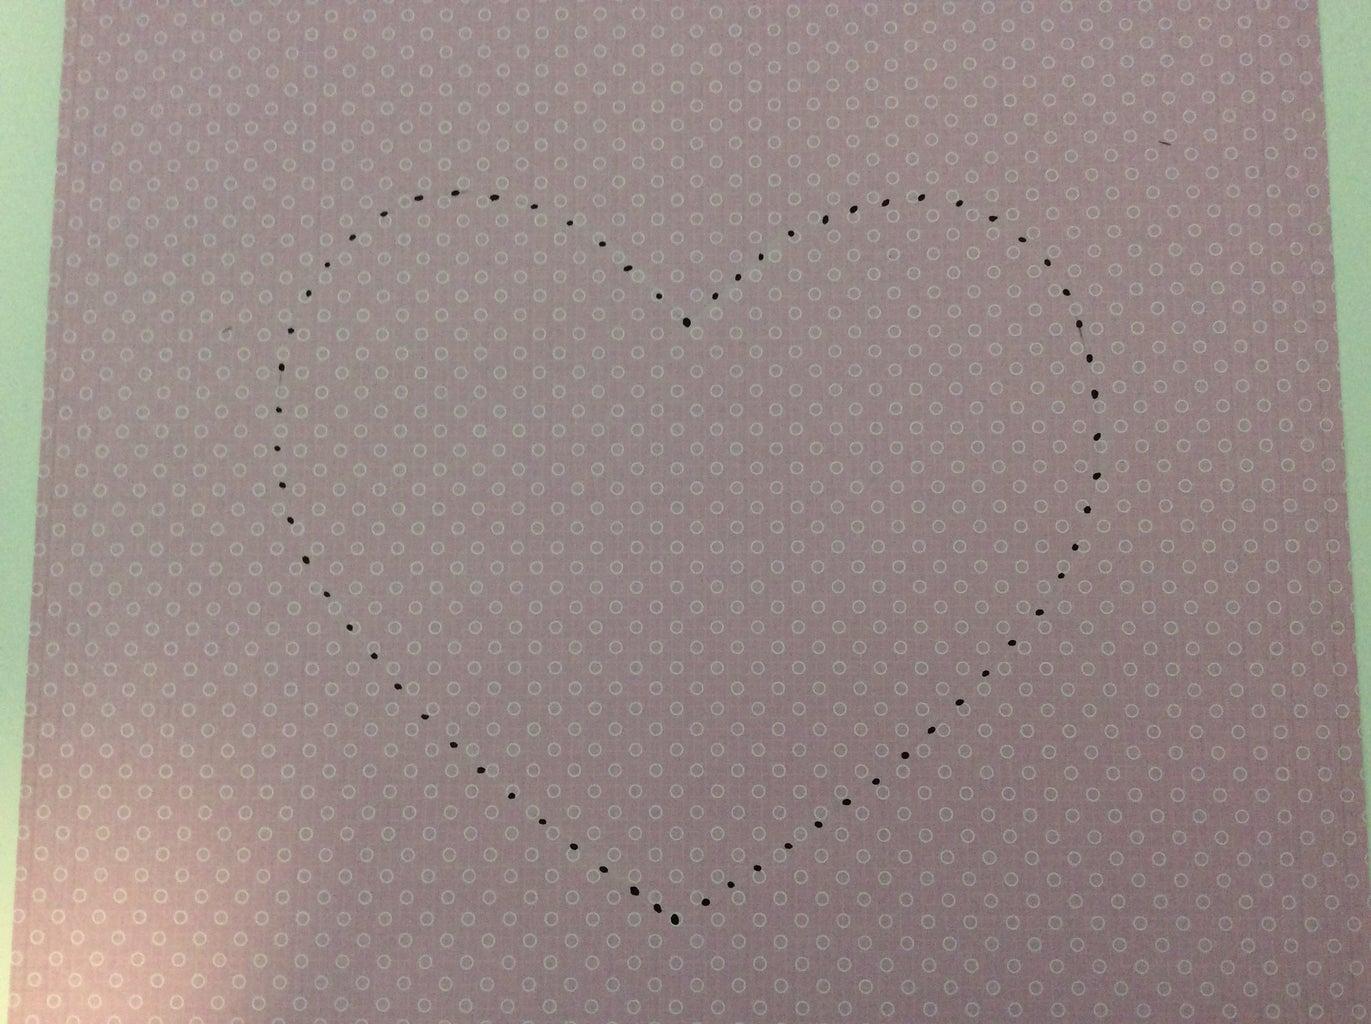 Make More Dots